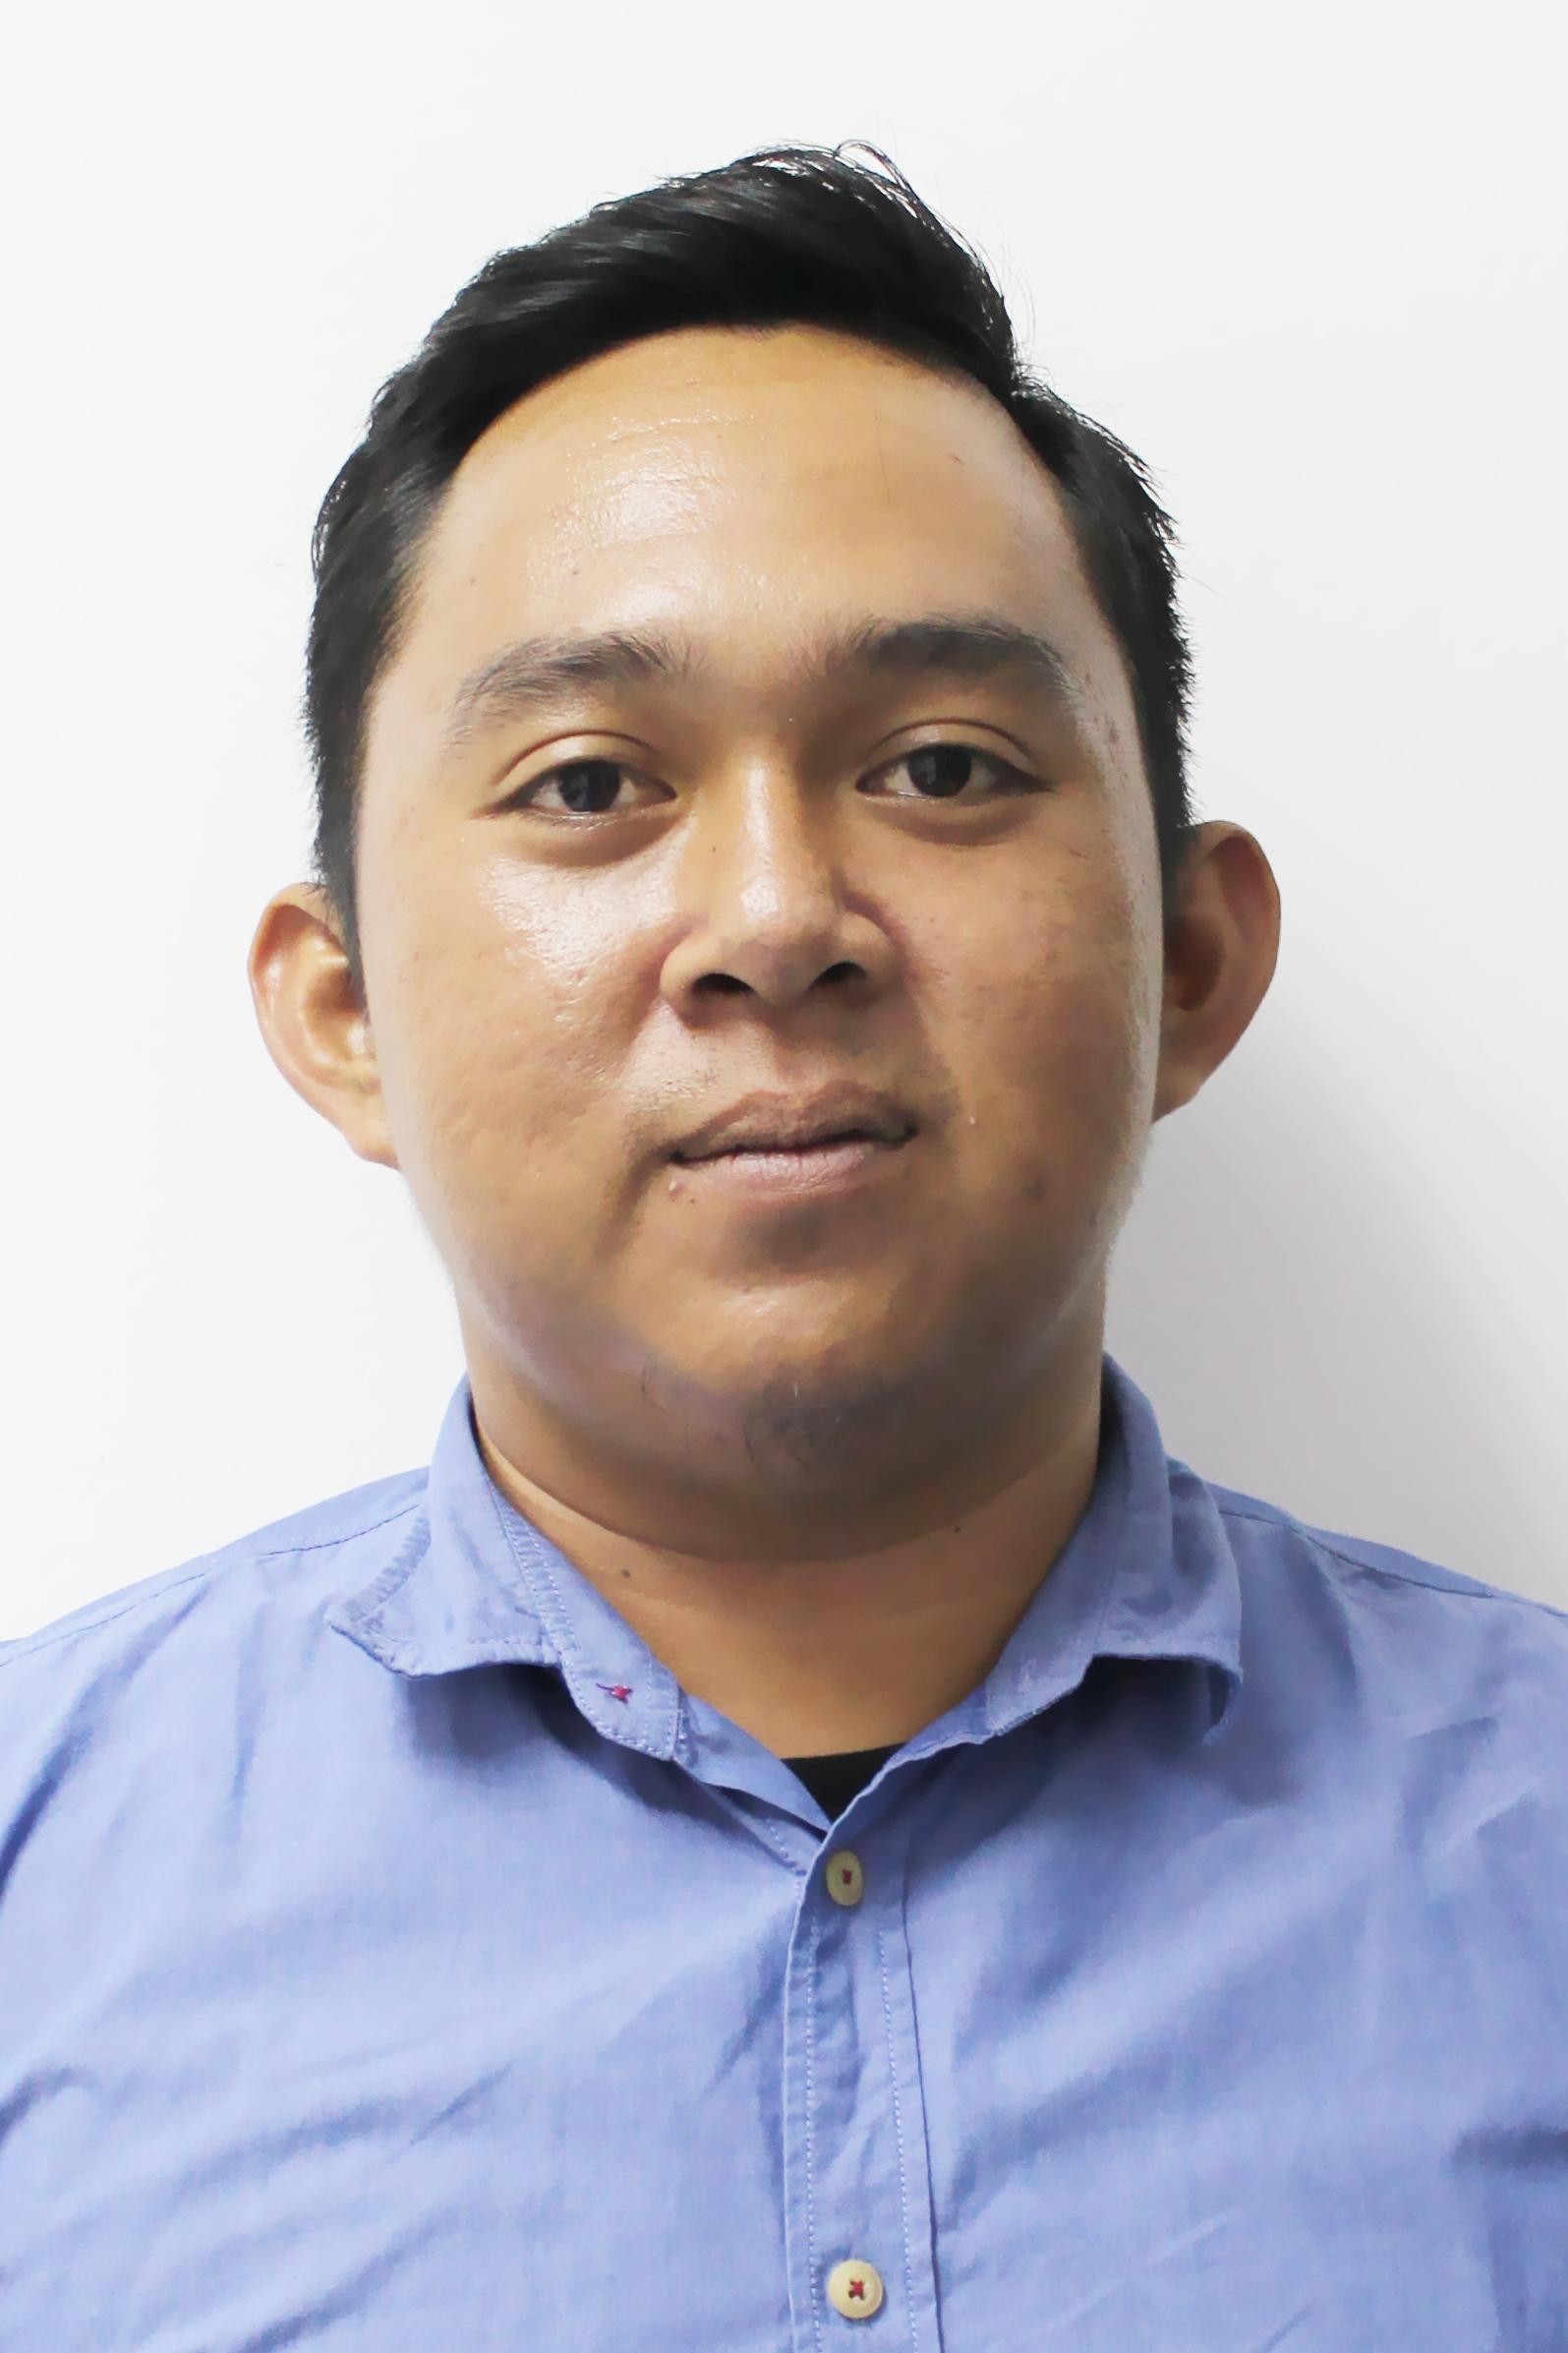 Mohd Amirul Amni Bin Masrich